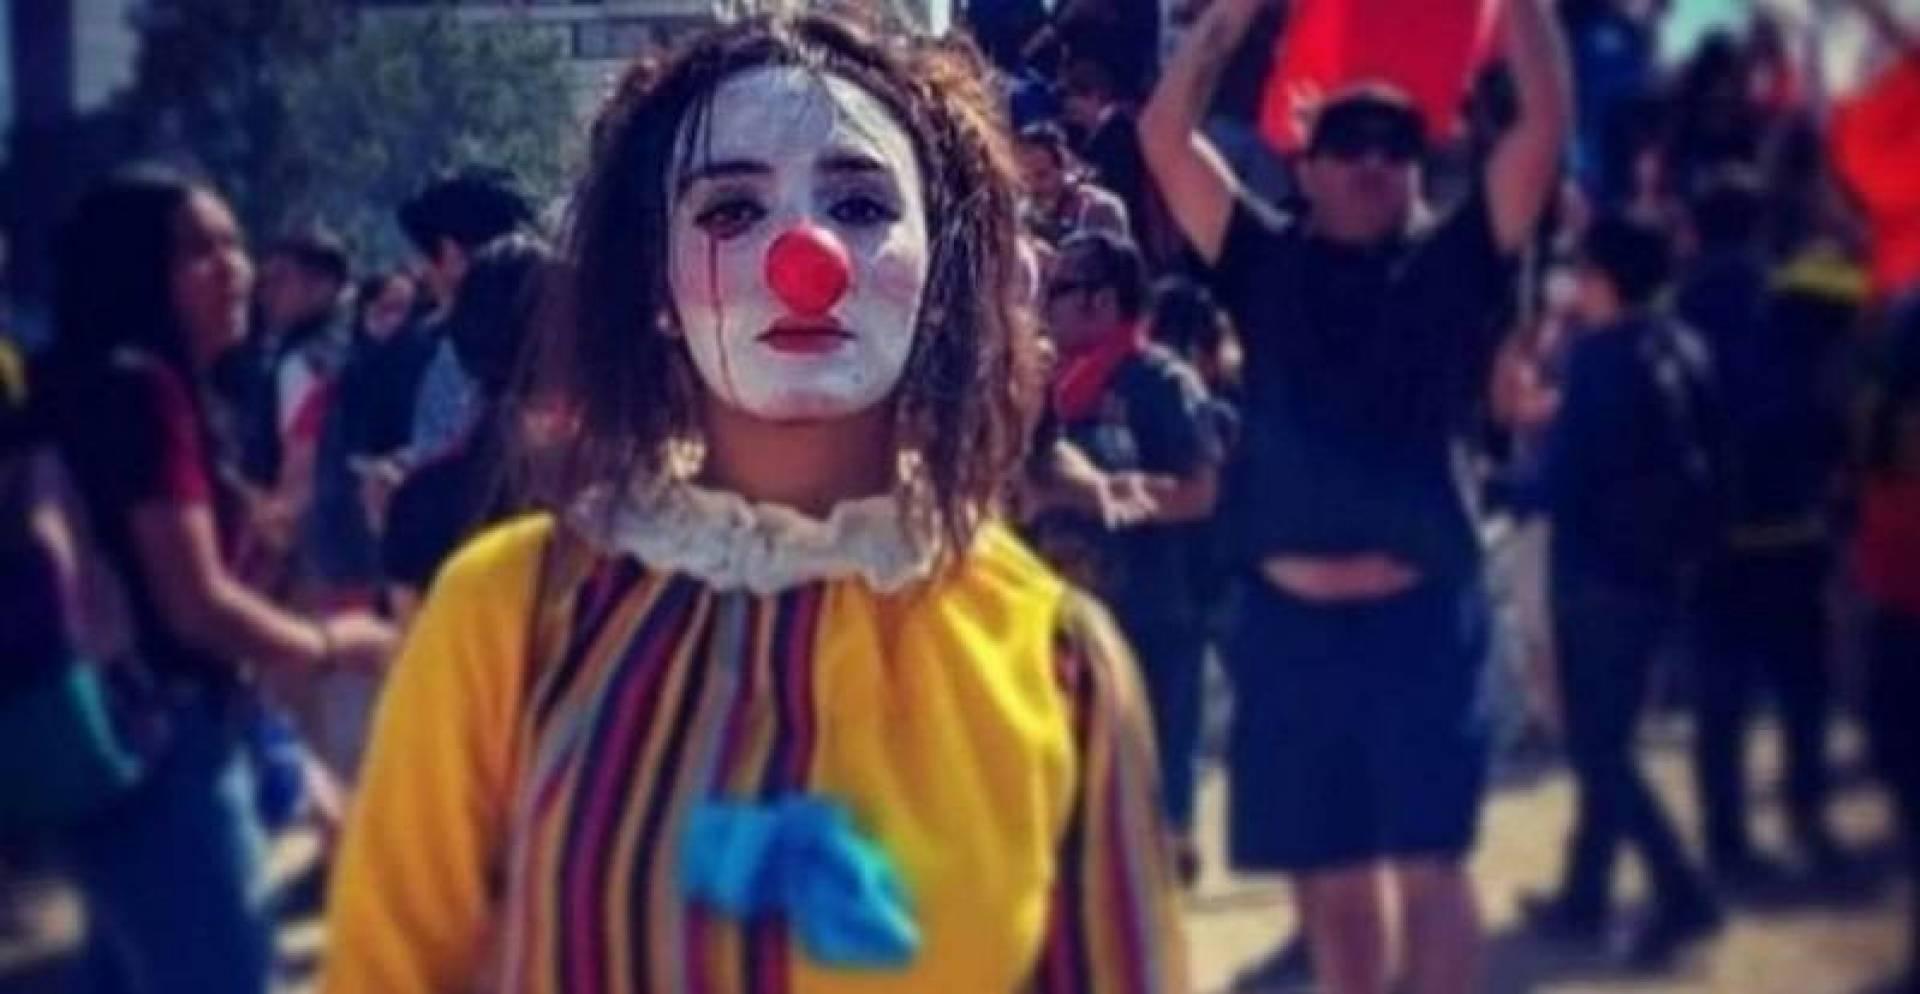 كيف تحولت دانييلا كاراسكو من متظاهرة إلى أيقونة في تشيلي؟